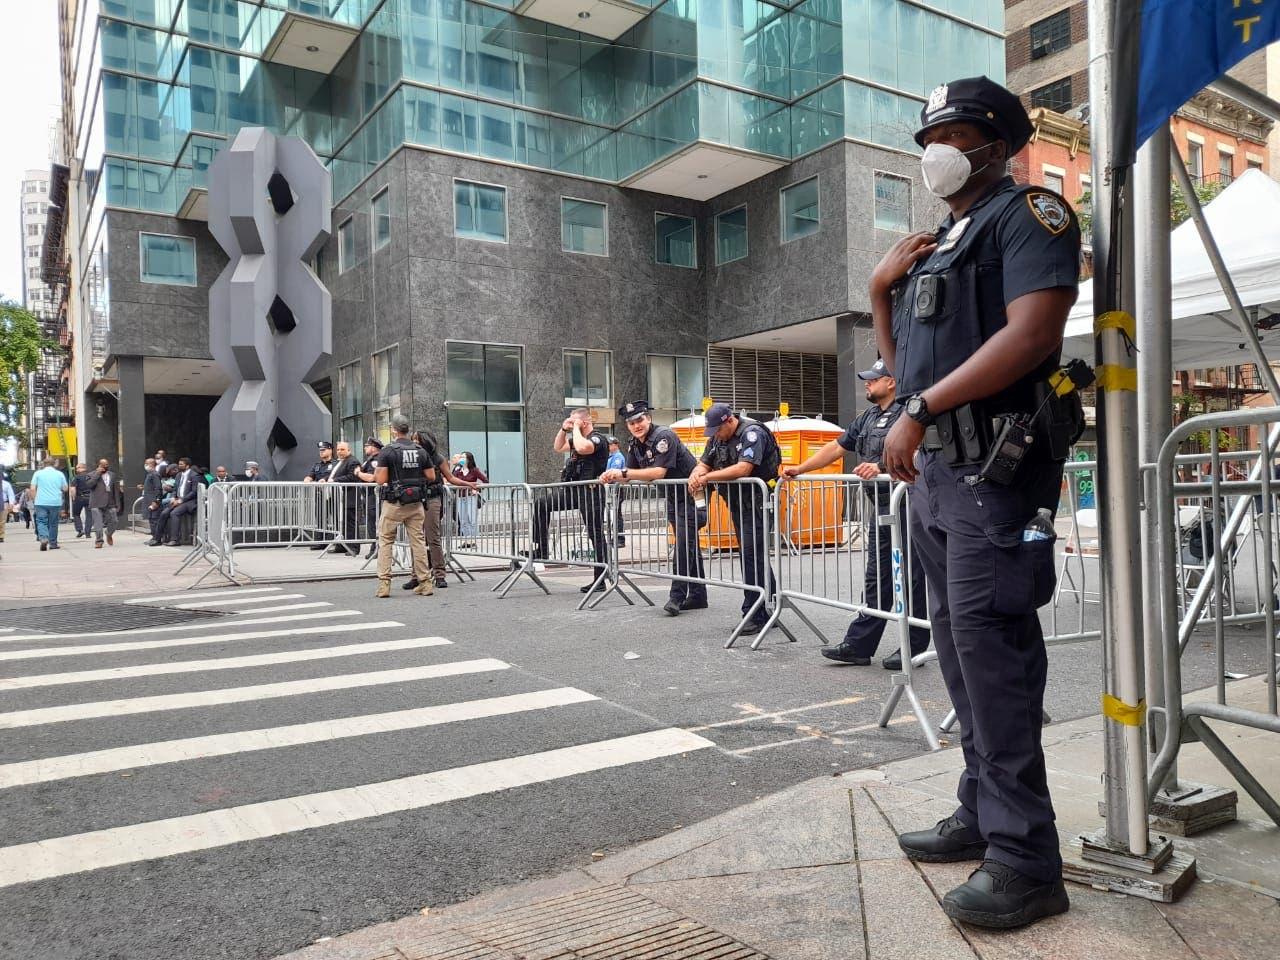 Aumenta la seguridad en Nueva York por apertura Asamblea de la ONU